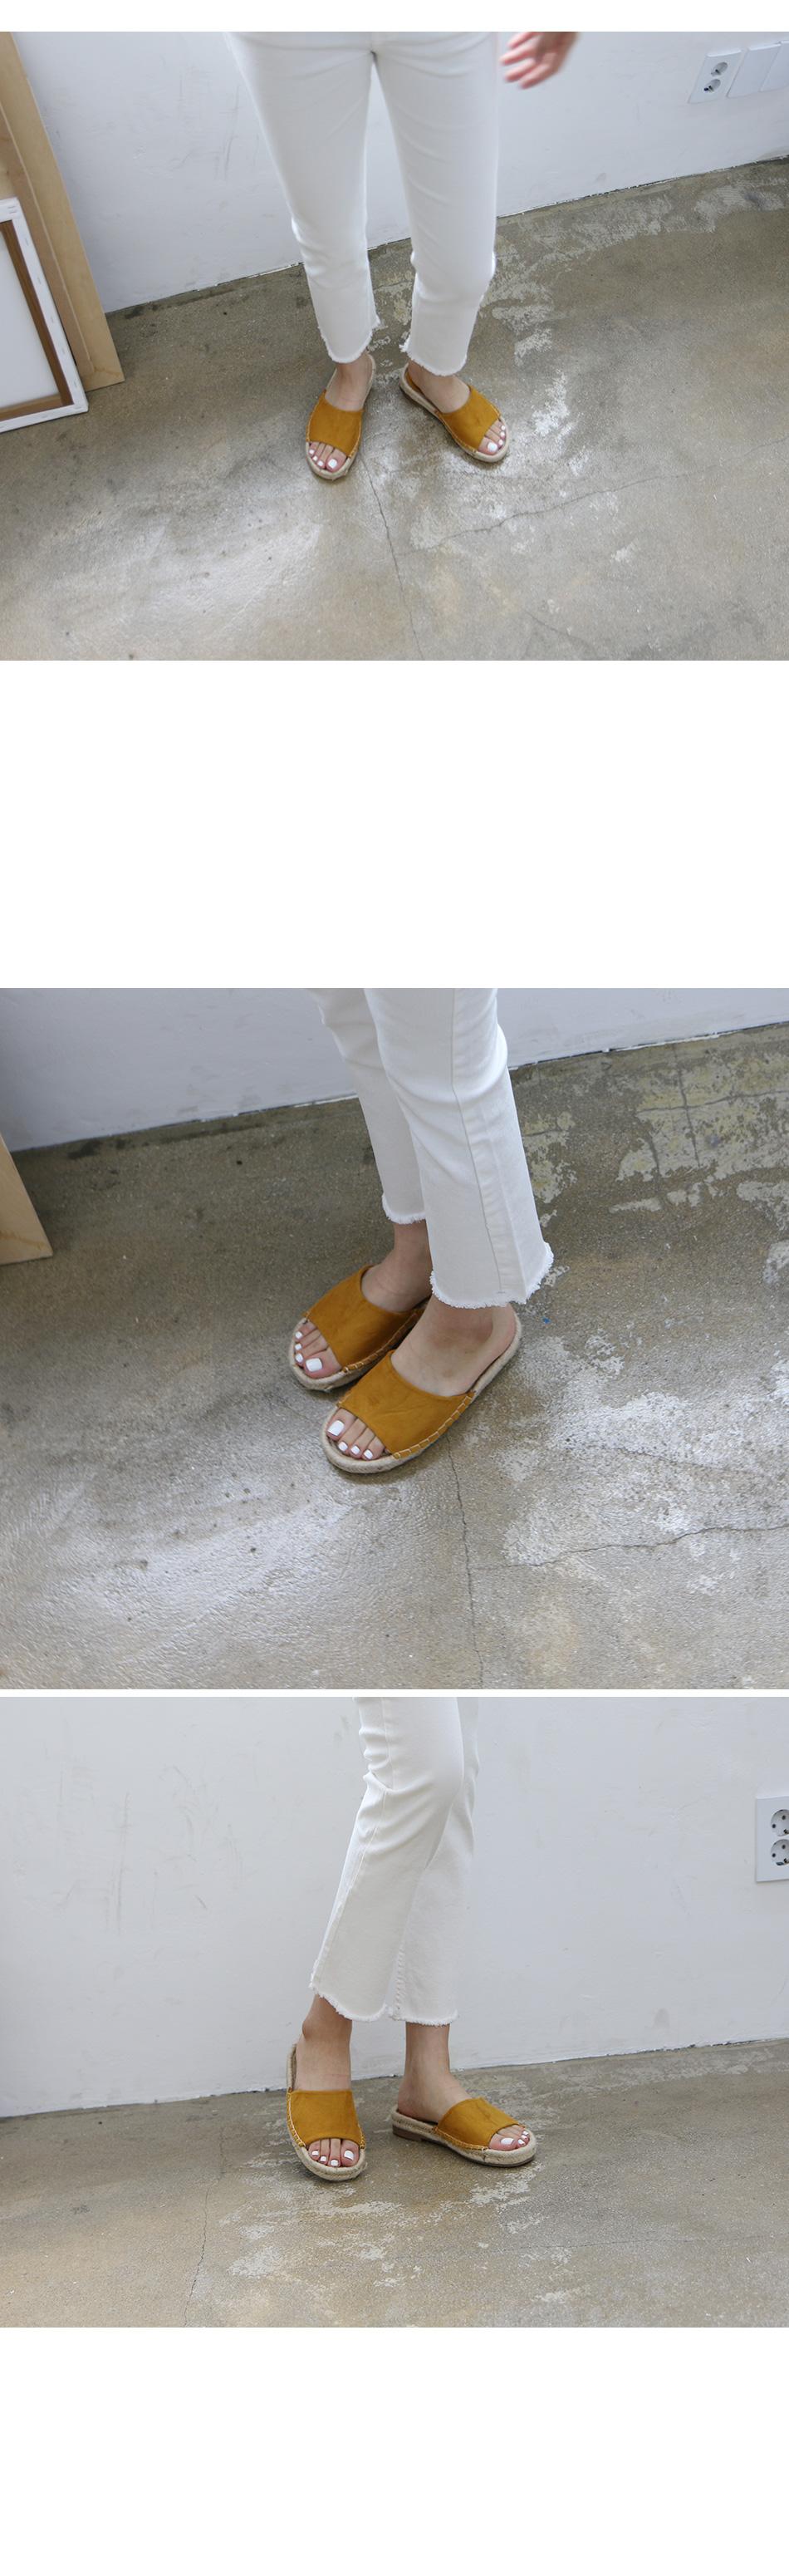 카보나 에스빠듀 슬리퍼 착용컷